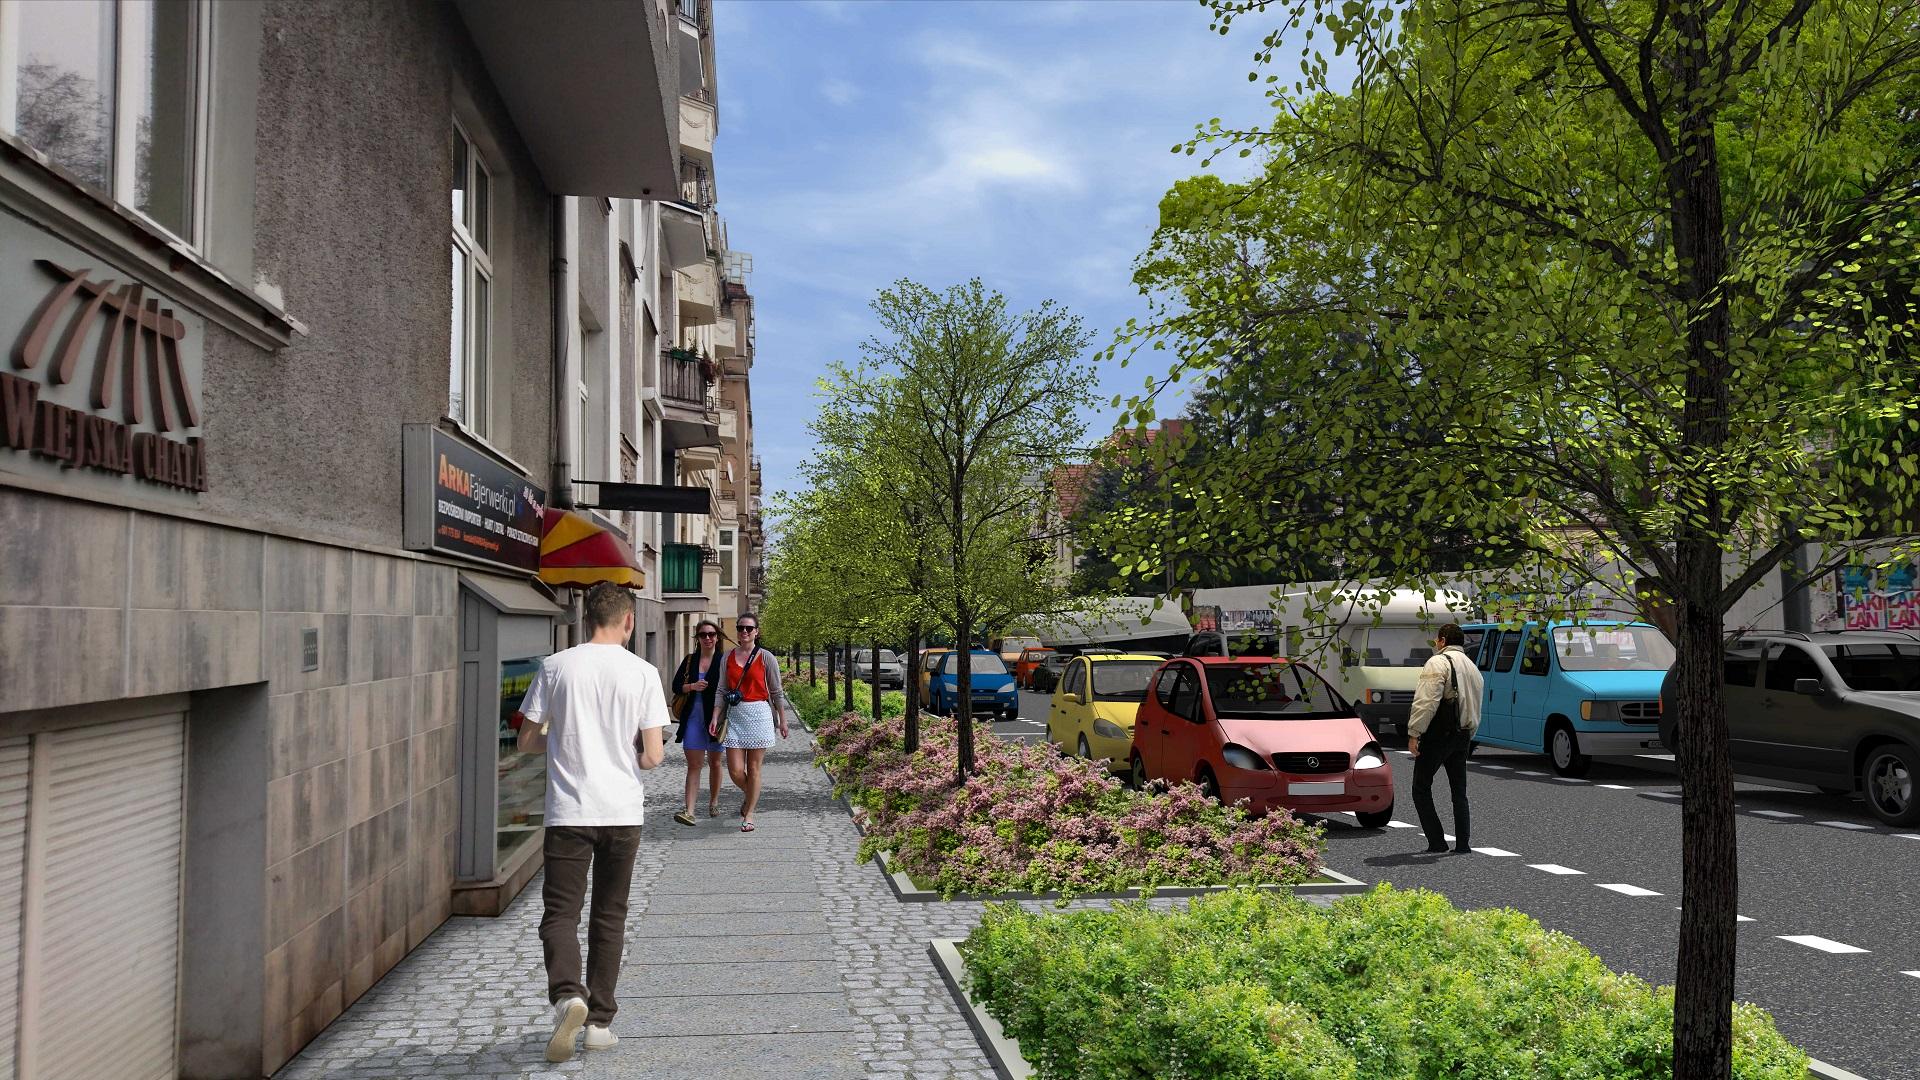 Celem zmian jest poprawa przestrzeni, po której poruszają się piesi oraz zwiększenie ilości zieleni na ulicy - przy równoczesnym uwzględnieniu potrzeb kierowców i rowerzystów (fot.poznan.pl)